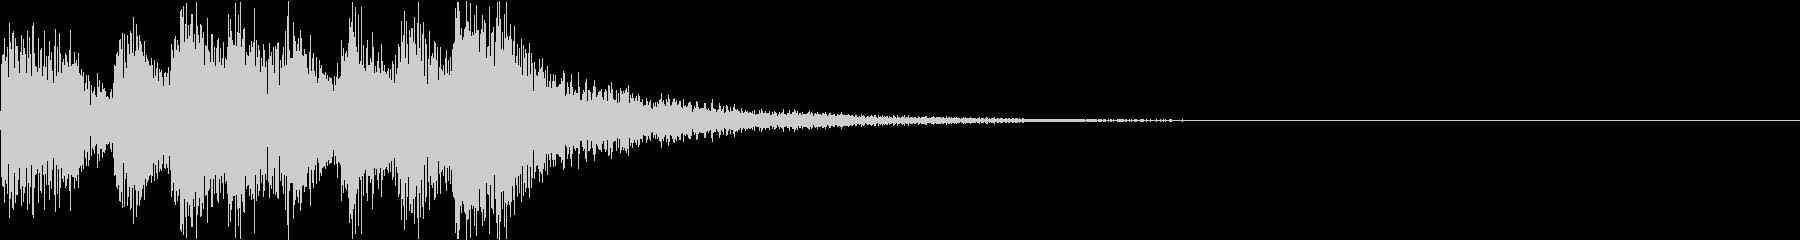 ショート ファンファーレ ベル ブラスDの未再生の波形